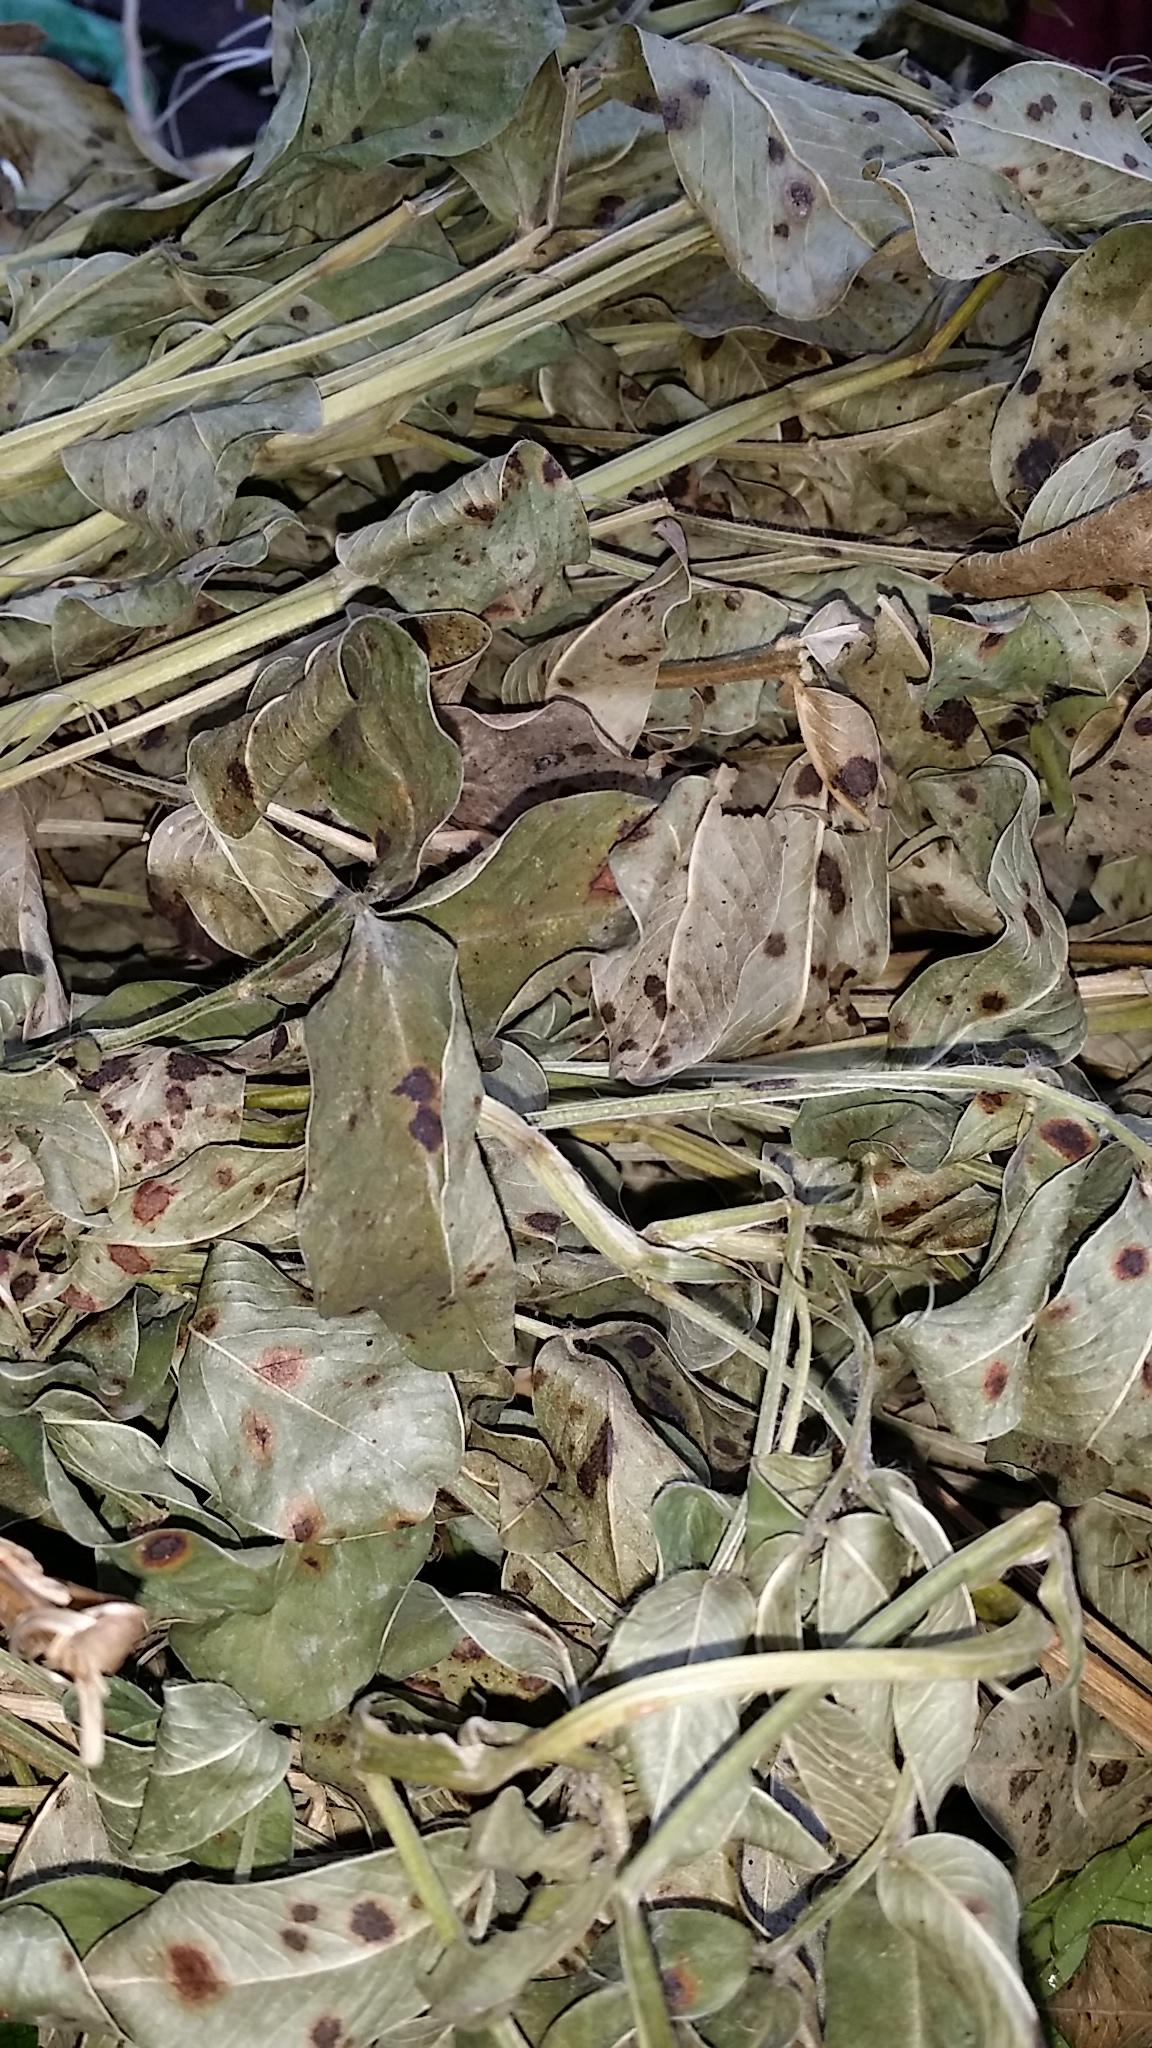 Свежий солнце сухие цветы сырье лист арахис стебель лист 250g